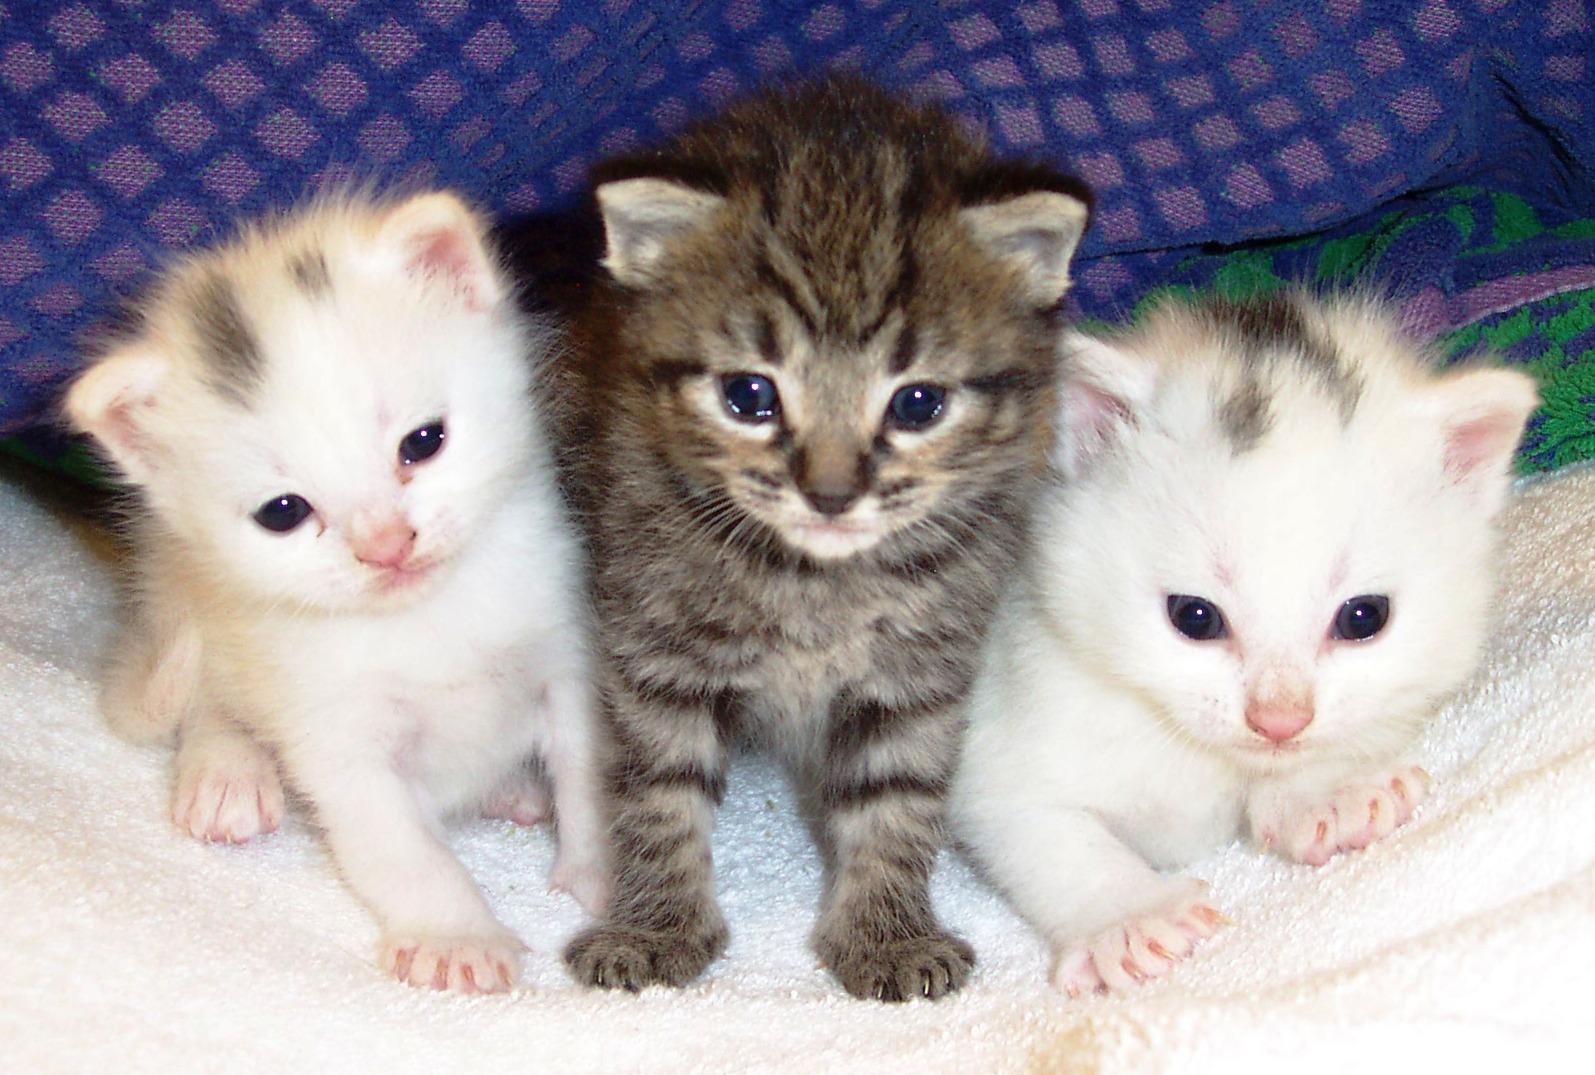 صور قطط حلوة  ,<br /><br /> صور قطط قمرات 2019 ,<br /><br /> قطة جميلة 2019 Photos Cats 2019_1412123023_843.